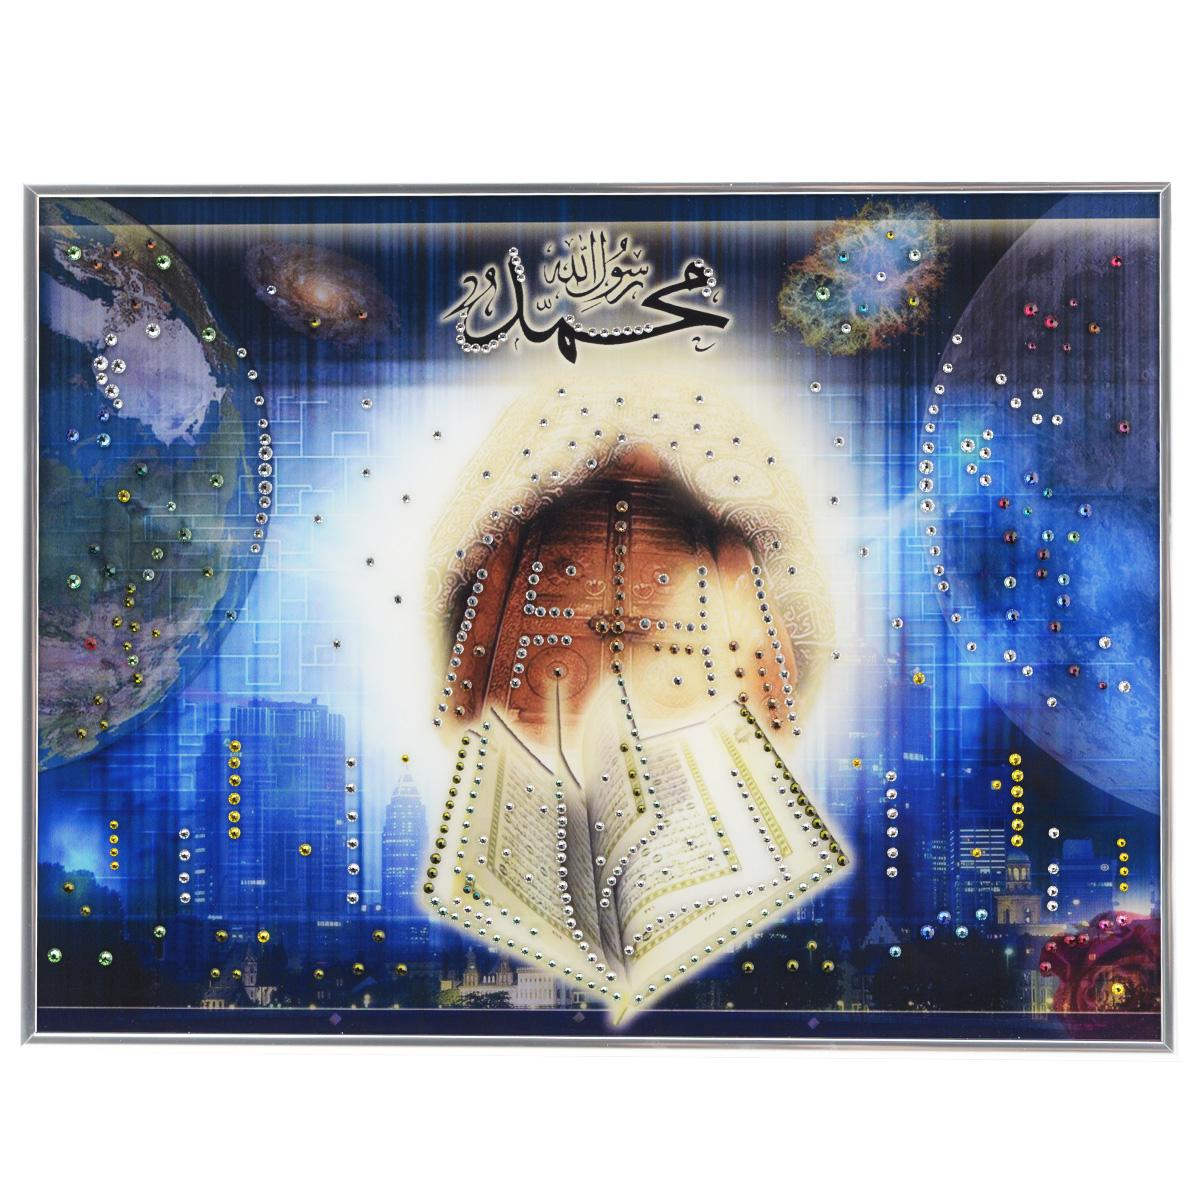 Картина с кристаллами Swarovski Книга Аллаха, 40 см х 30 см1175Изящная картина в металлической раме, инкрустирована кристаллами Swarovski, которые отличаются четкой и ровной огранкой, ярким блеском и чистотой цвета. Красочное изображение книги Аллаха, расположенное под стеклом, прекрасно дополняет блеск кристаллов. С обратной стороны имеется металлическая петелька для размещения картины на стене. Картина с кристаллами Swarovski Книга Аллаха элегантно украсит интерьер дома или офиса, а также станет прекрасным подарком, который обязательно понравится получателю. Блеск кристаллов в интерьере, что может быть сказочнее и удивительнее. Картина упакована в подарочную картонную коробку синего цвета и комплектуется сертификатом соответствия Swarovski.